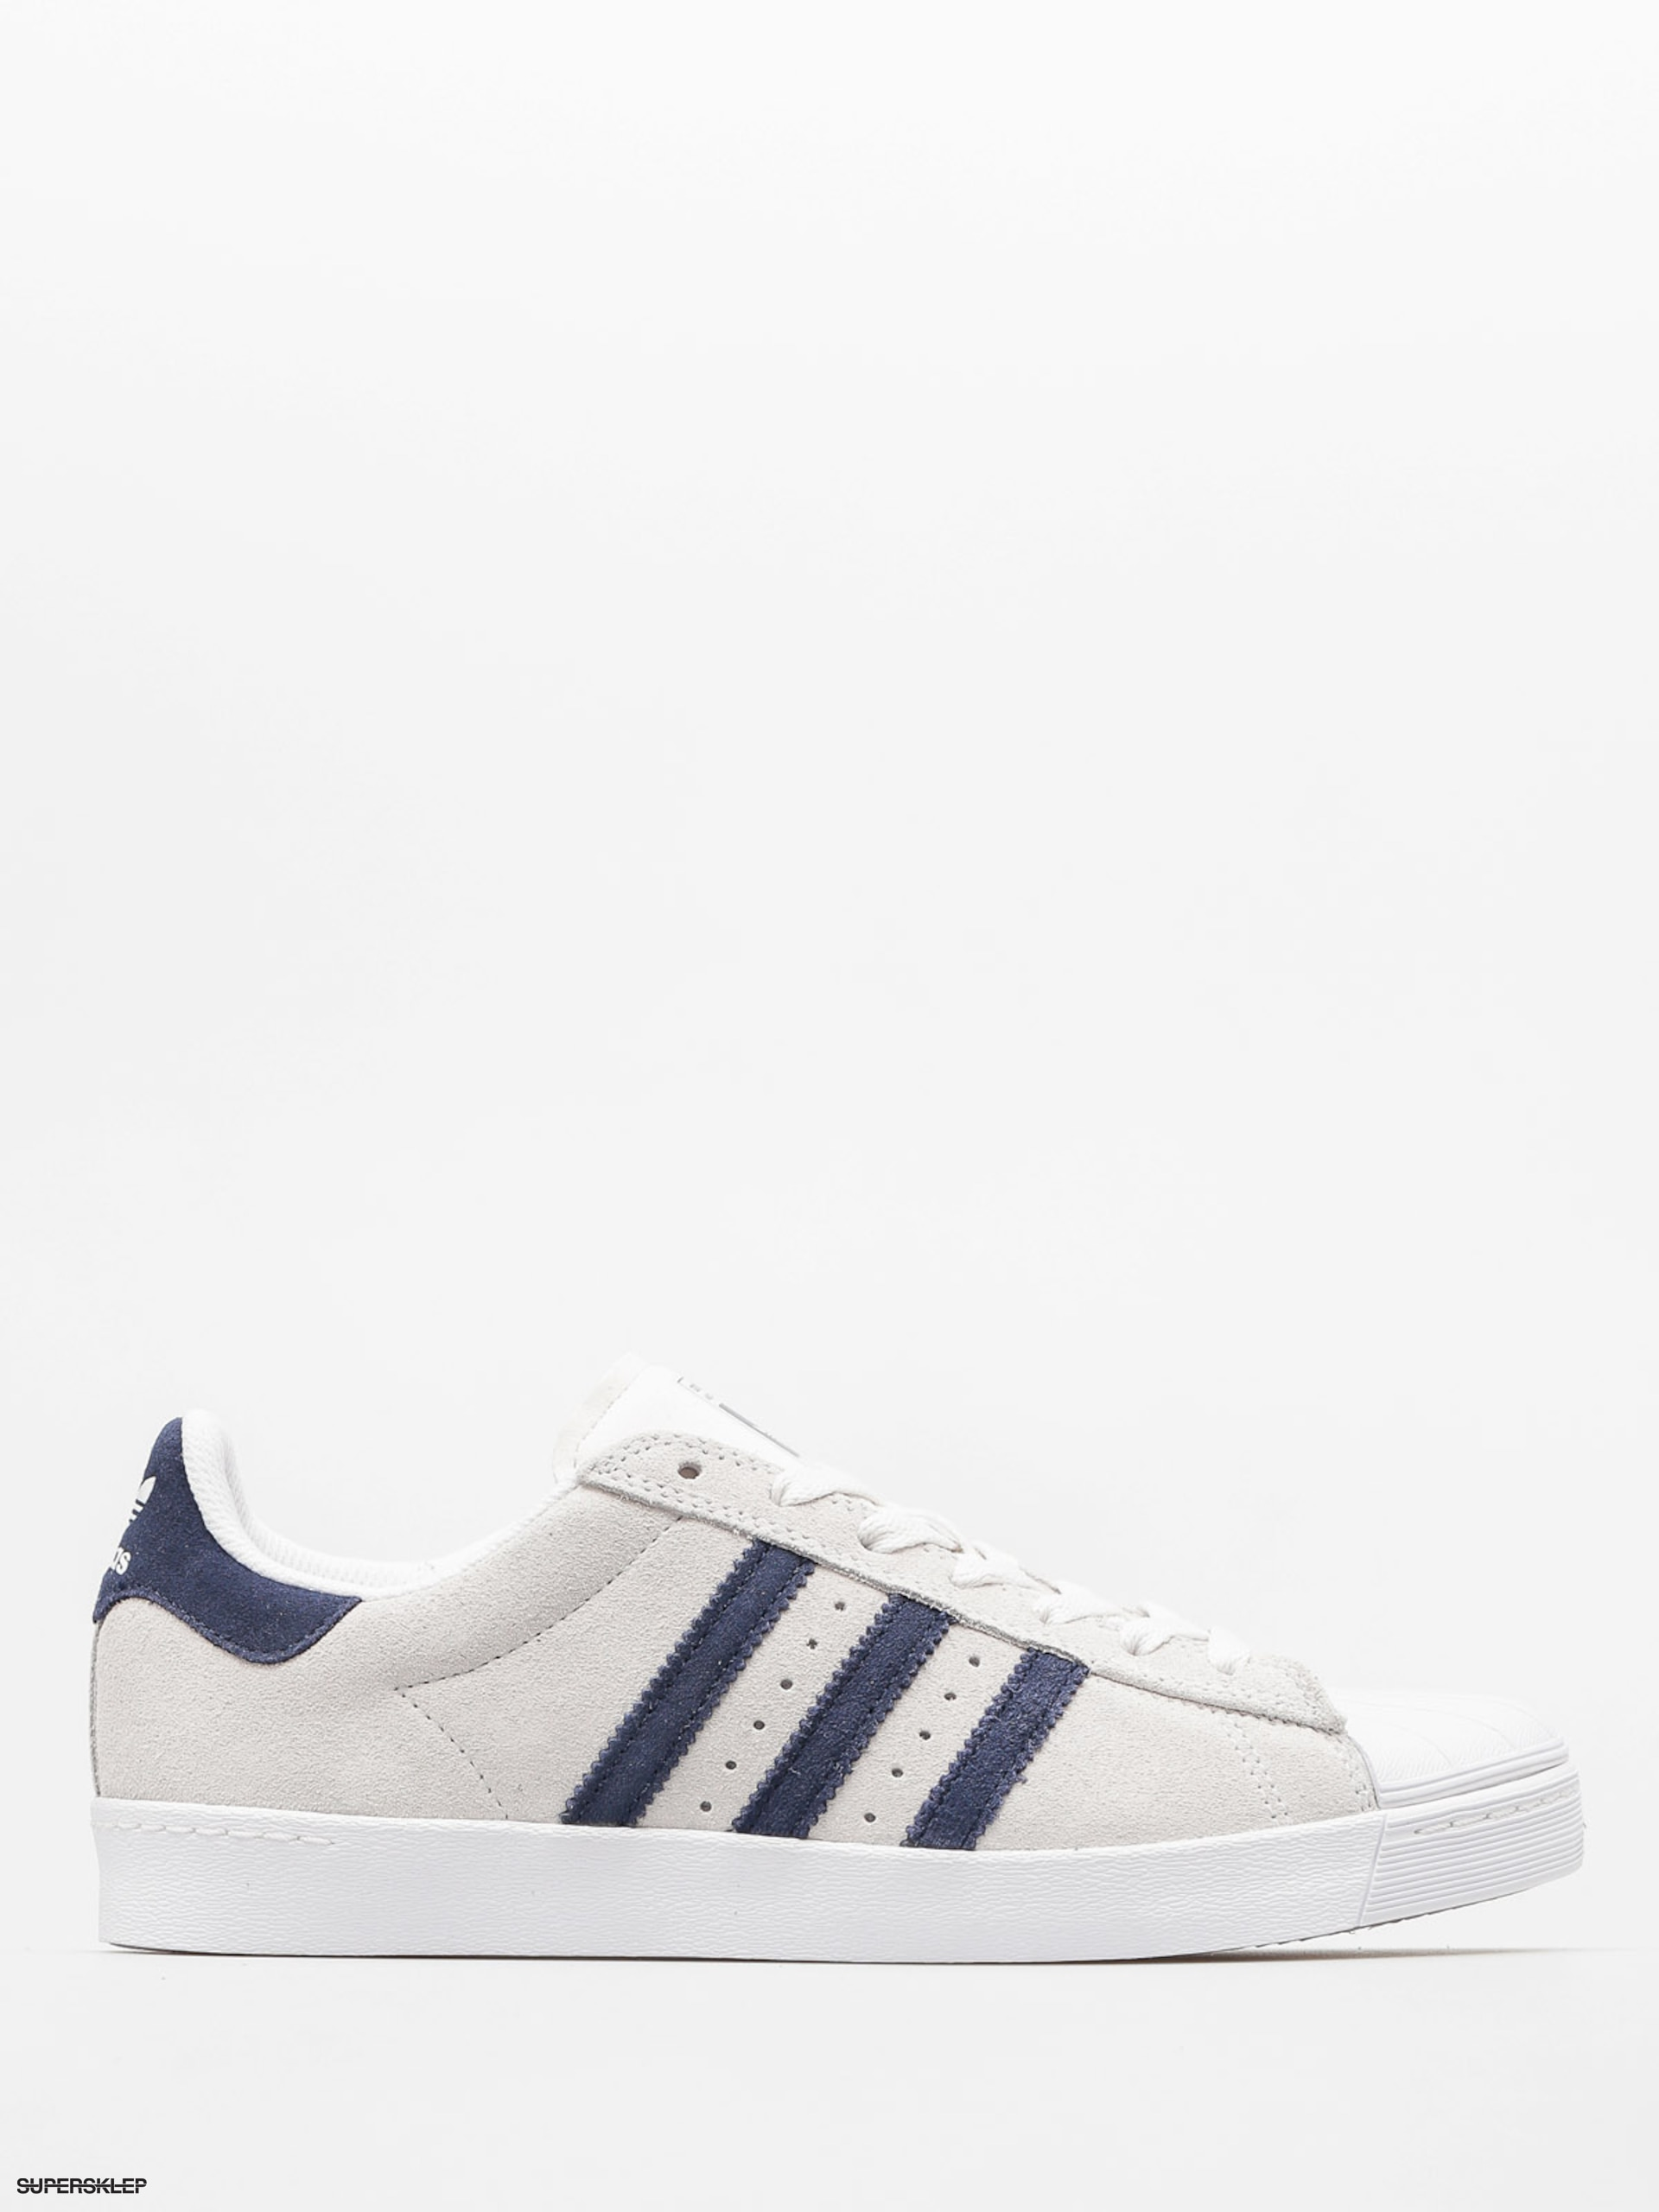 Męskie buty Adidas Superstar Vulc Adv white silver Rozmiar